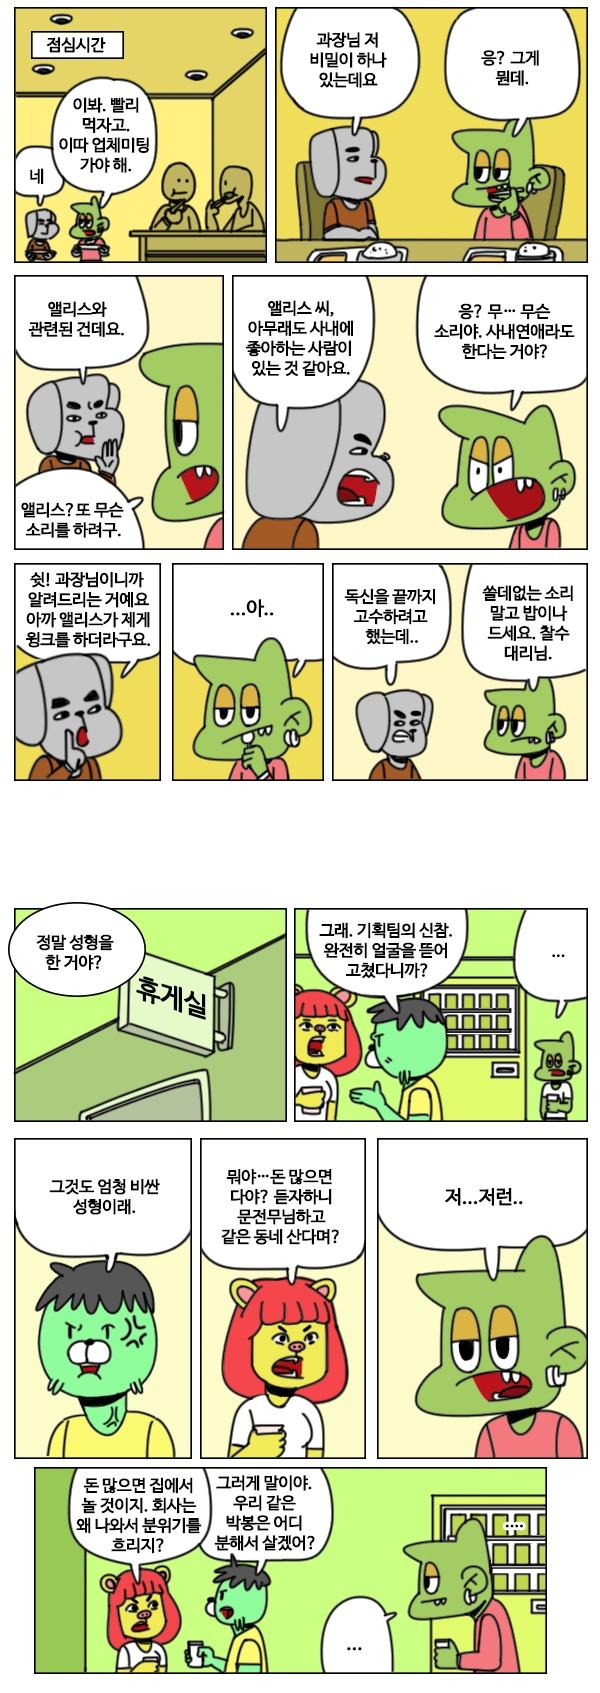 ## 상황 : 구내식당. 찰수대리와 식판에 밥을 먹으을면서 디노 : 이봐. 빨리 먹자고. 이따가 업체미팅 가야 해. 찰수 대리 : 네. ## 찰수 대리 : (밥을 먹으면서) 그런데 과장님. 저 한가지 비밀을이 하나  알고 있어있는데요 디노 : 응? 그게 뭔데. ## 찰수 대리 : 앨리스와 관련된 건데요.  디노 : (심드렁한 얼굴로) 앨리스? 또 무슨 소리를 하려구. ## 찰수 대리 : (얼굴을 가까이 가져다 대고) 앨리스끼, 아무래도 사내에 좋아하는 사람이 있는 것 같아요. 디노 : (당황하면서) 응? 무… 무슨 소리야. 사내연애라도 한다는 거야? ## 찰수대리 : (손가락으로 쉿을 하며) 쉿! 과장님이니까 알려드리는 거예요. 디노 : 으… 응. 그래. ## 찰수 대리 : (속삭이듯이) 아까 앨리스가 저를 보고 윙크를 하더라구요.  ## 찰수대리 : (비장하게 울면서 두 주먹을 불끈 쥐며) 독신을 끝까지 고수하려고 했는데. 디노 : (찰수대리의 머리를 박으며) 머? 쓸데때없는 소리 하지 말고 밥이나 드세요. 찰수대리님. ## 상황 : 휴게실. 자판기에서 커피를 뽑는 중인 디노. ## 상황 : 여자직원들이 휴게실에서 휴게실로 들어오면서 이야기를 함. 직원 A : 정말 성형을 한 거야?  직원 B : 그래. 기획팀의 신참. 완전히 얼굴을 뜯어 고쳤다니까? ## 직원 A : 그것도 엄청 비싼 성형이래.  직원 B : 돈 많은 것들이란… 뭐야…돈 많으면 다야인줄 아나보지? 듣자하니 문전무님하고 같은 동네 산다며? ## 상황 : 커피를 들고 그런 여자직원들을 빤히 쳐다보는 디노 디노 : 흠… 저..저런.. 직원 A : 돈 많으면 집에서 놀 것이지. 회사는 왜 나와서 분위기를 흐리는 거지?  직원 B : 그러게 말이야. 우리 같은 박봉은 인생은 어디 분해서 살일할 맛 나겠어?